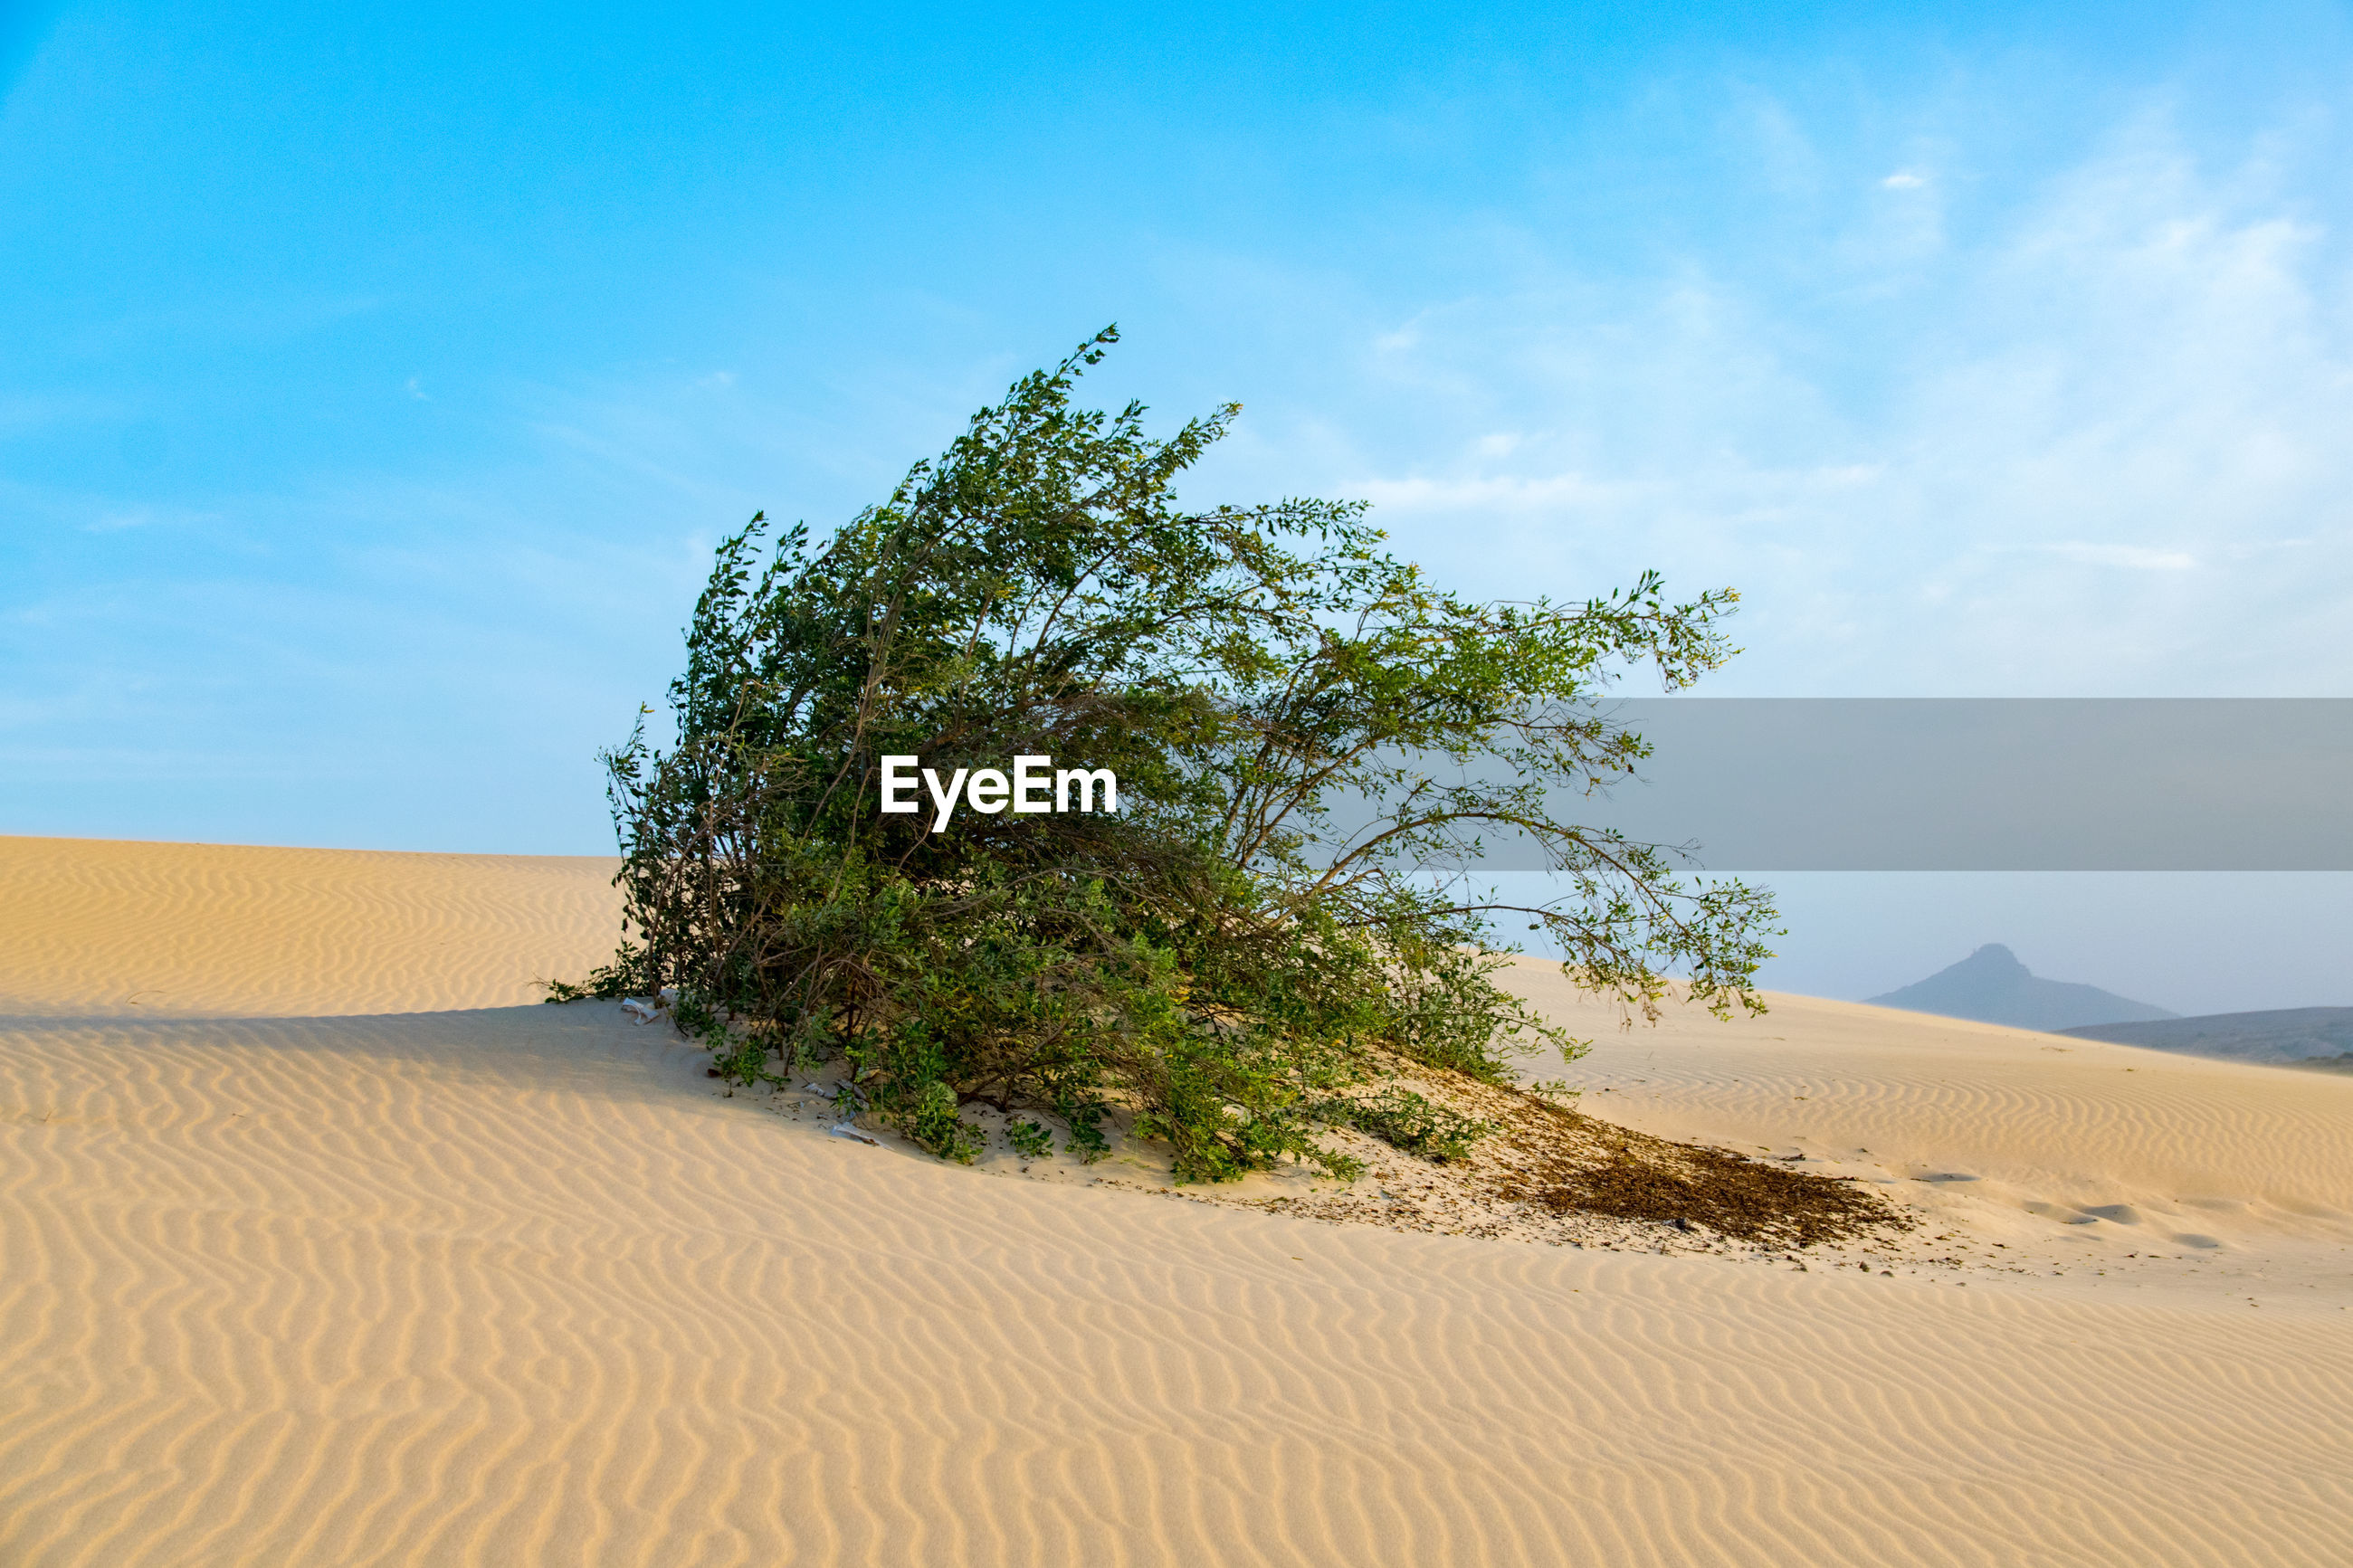 TREE ON SAND DUNE AGAINST SKY